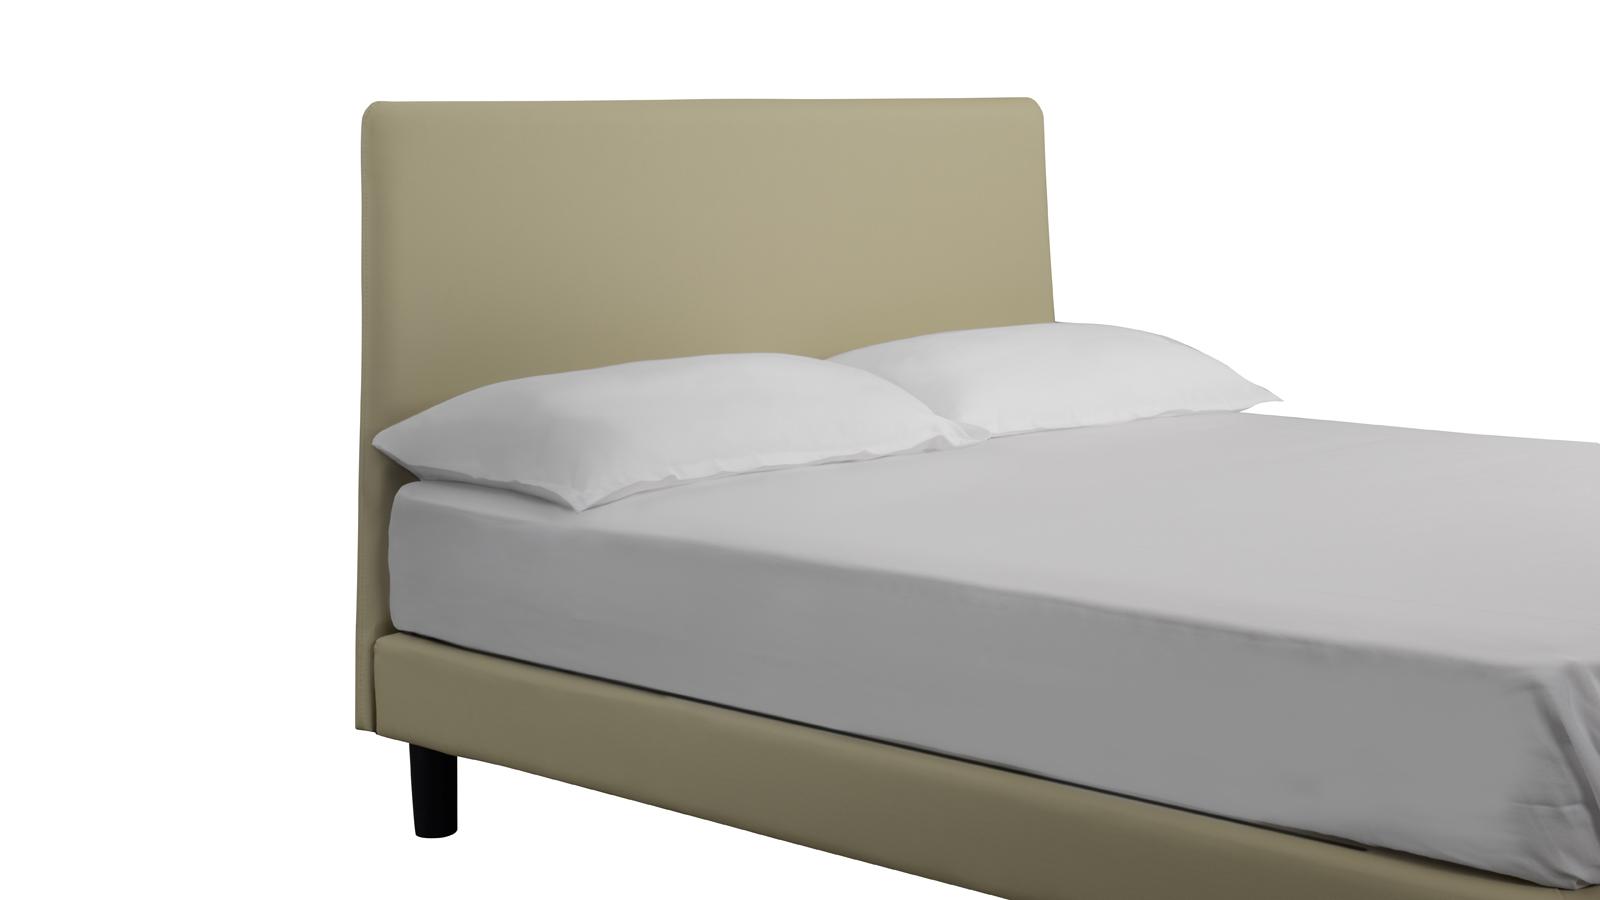 Letti Dorelan Opinioni Disponibili Letti Ikea With Letti Dorelan Opinioni Letto Contenitore